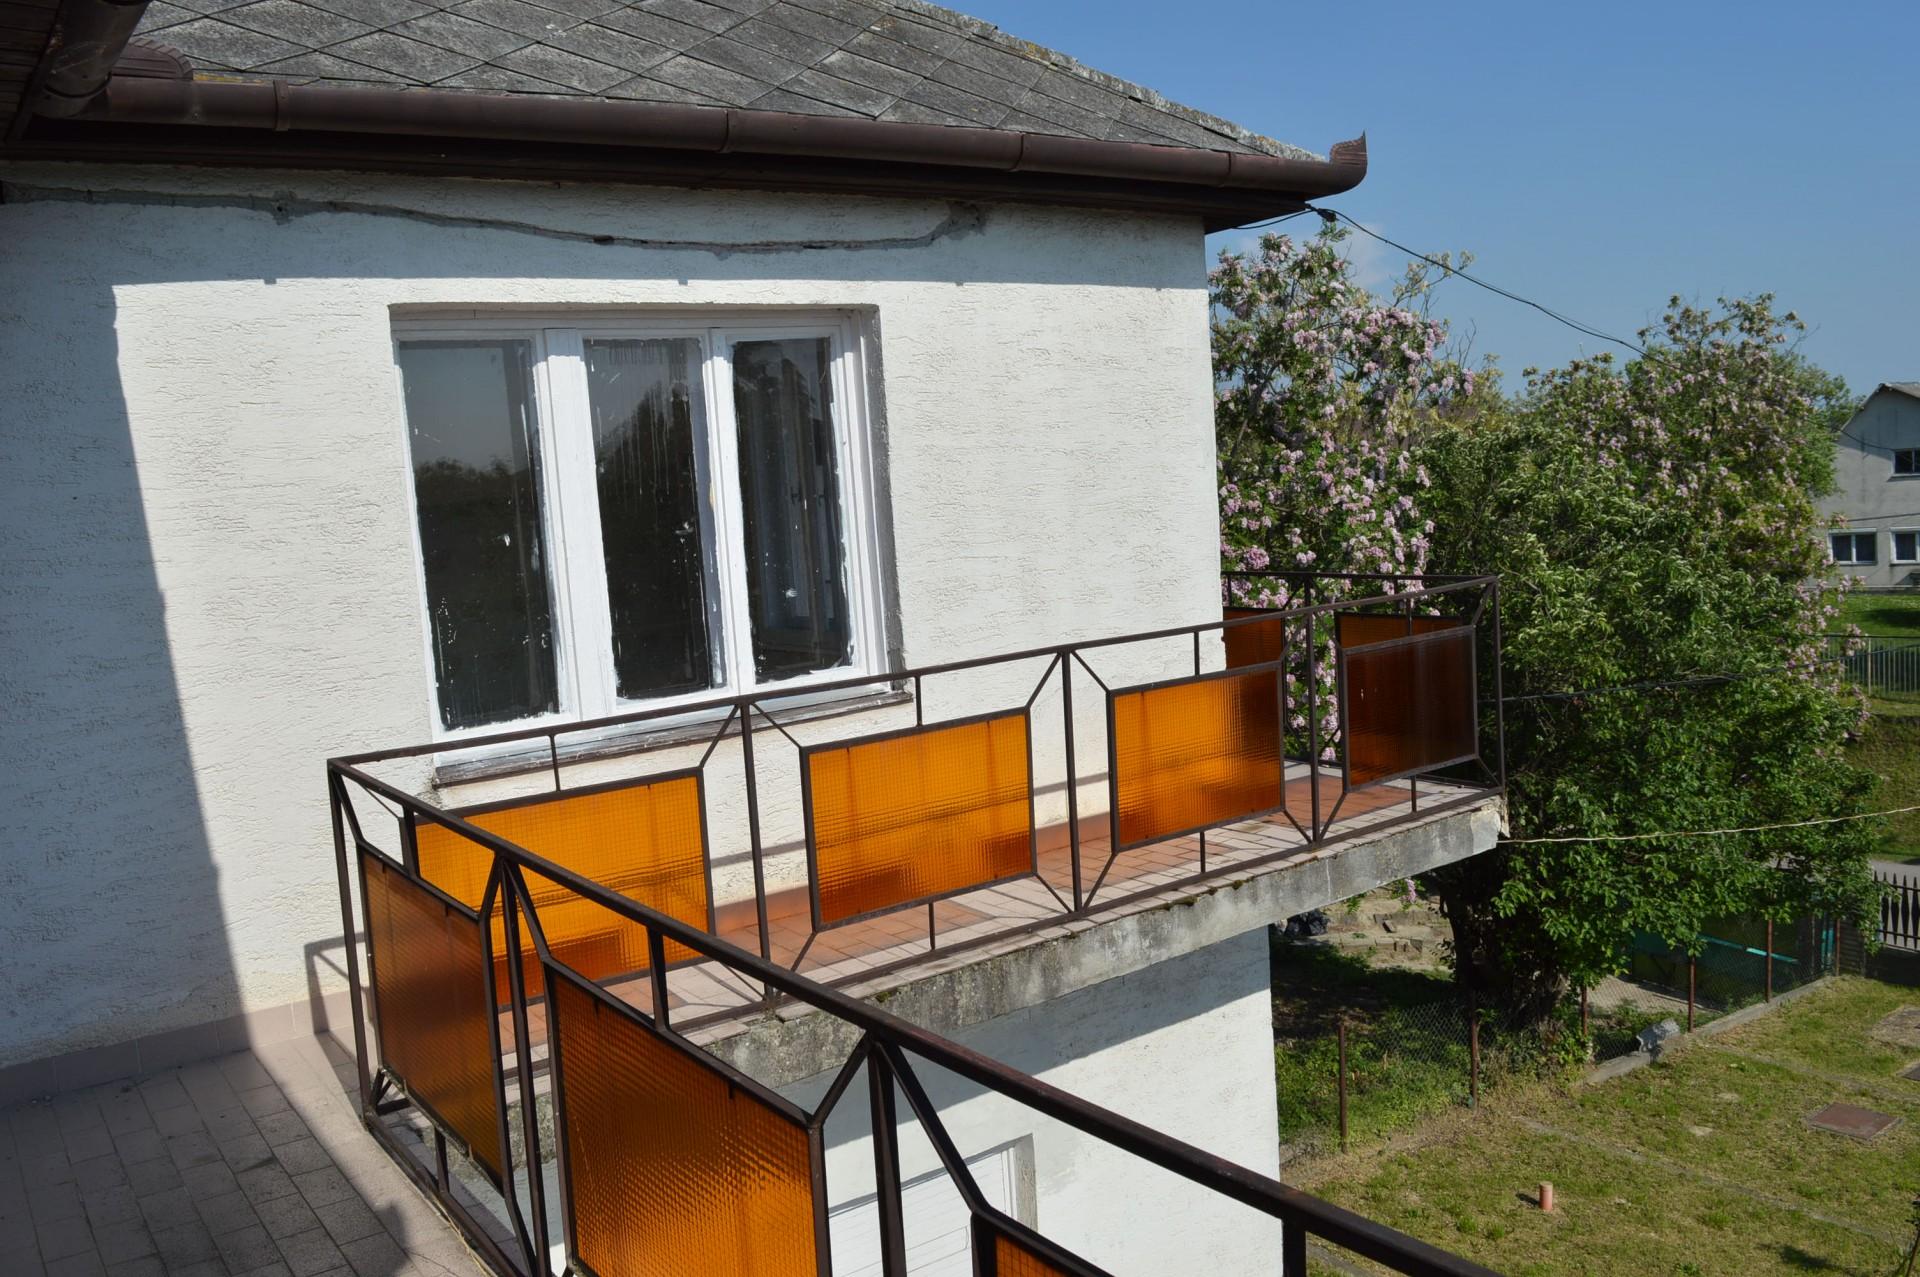 Iváncsán 1975-ben épült 2 szintes téglaépítésű családi ház eladó!